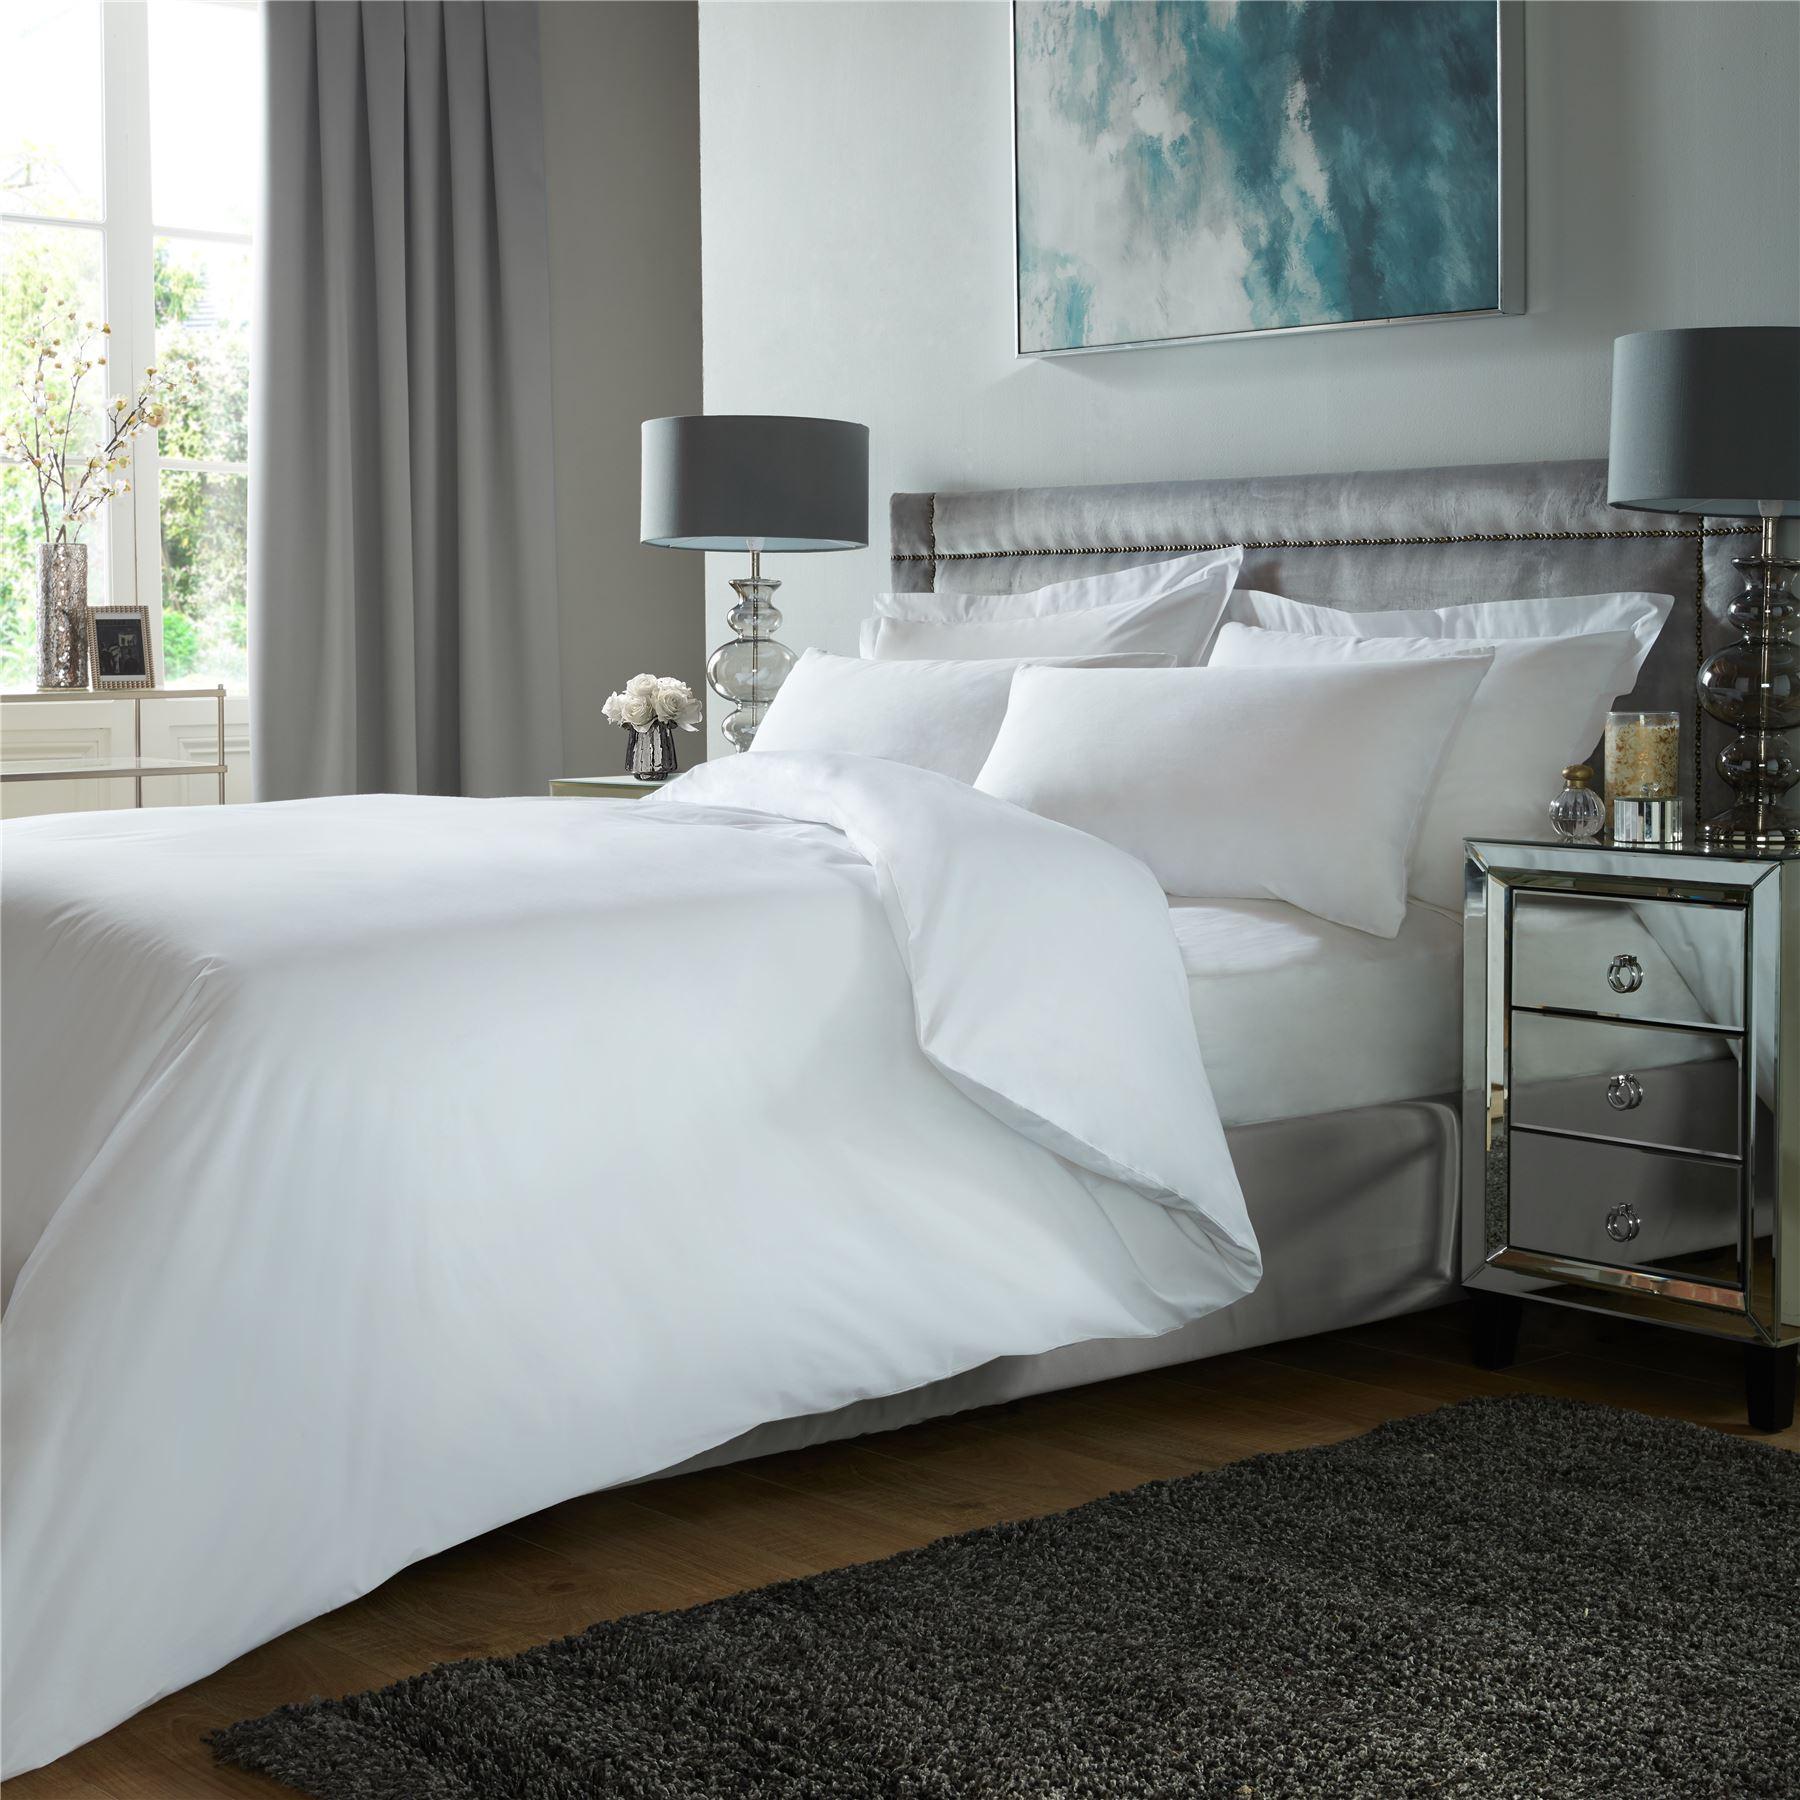 De-Lujo-400TC-conjunto-de-funda-de-edredon-100-Algodon-Egipcio-ropa-de-cama-funda-de-almohada-tenida miniatura 21